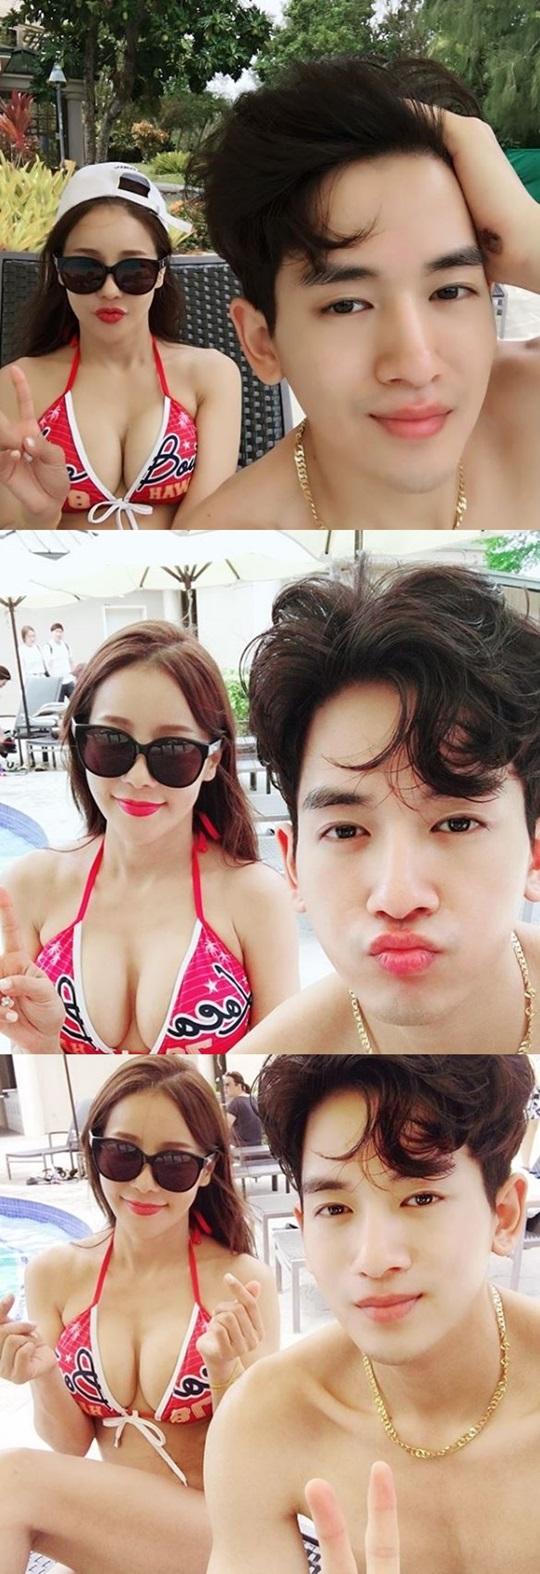 미나♥류필립, 괌 신혼여행 인증샷 공개…완벽 비키니 자태